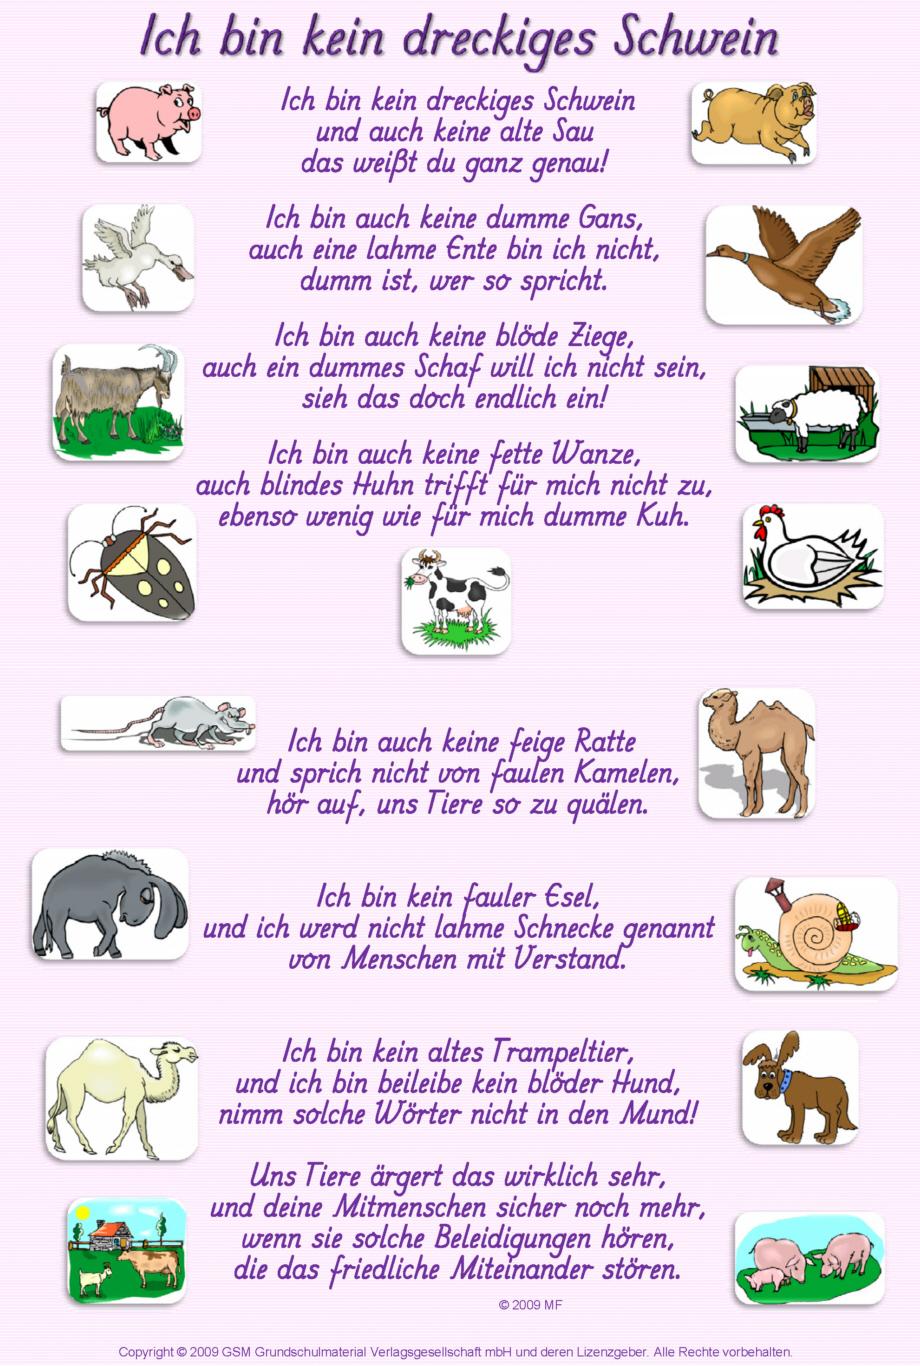 Dreckiges Schwein